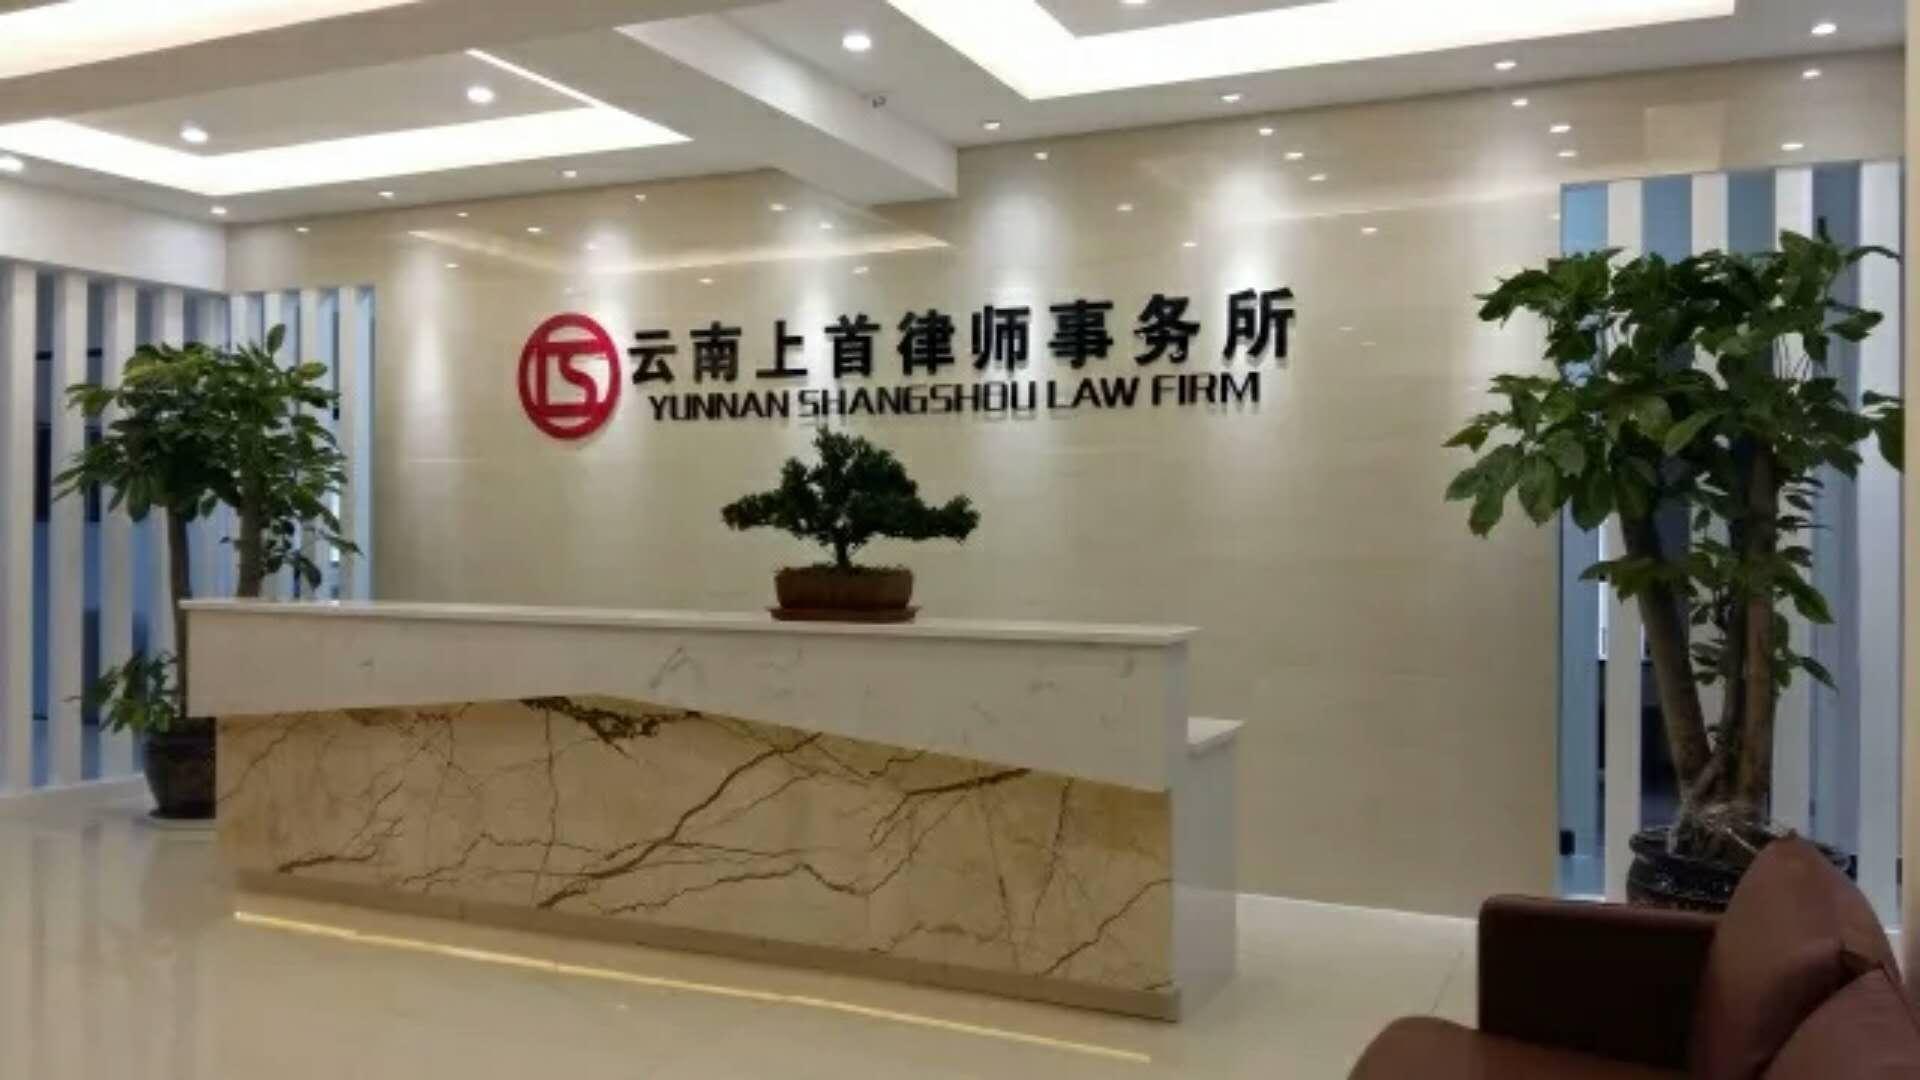 云南上首_资深的昆明律师服务公司-昆明律师网